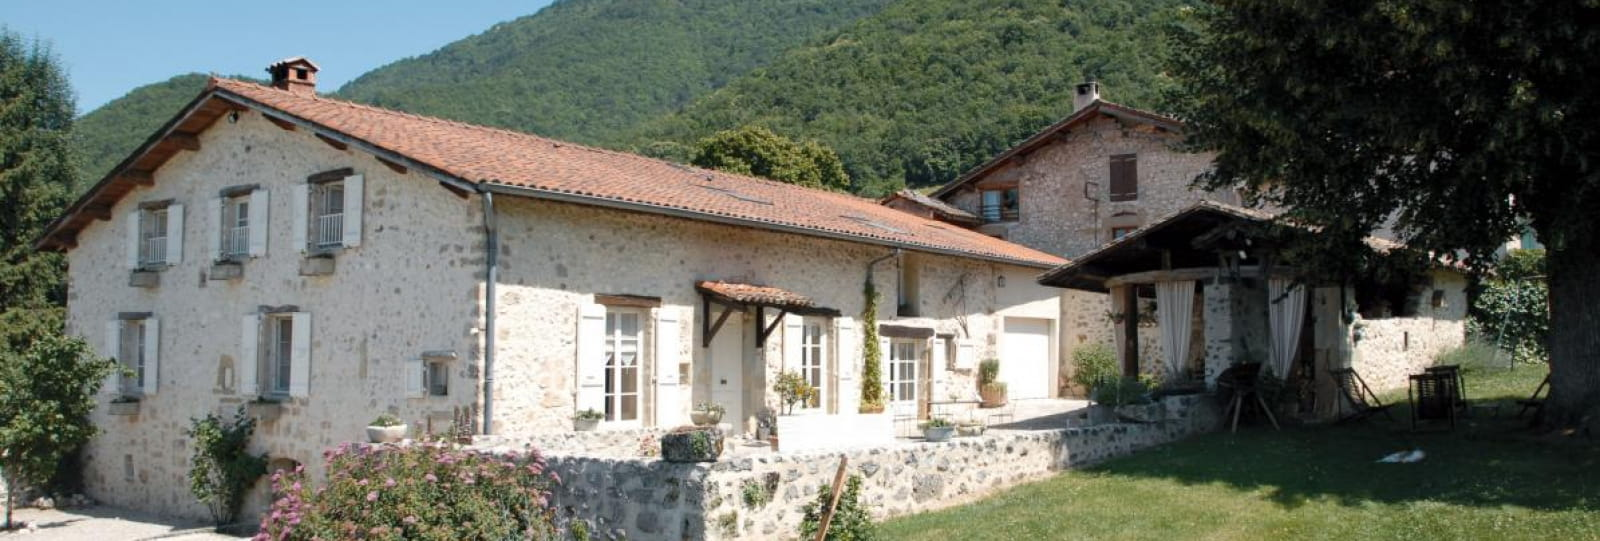 maison d'hôtes de l'Estapade des Tourelons